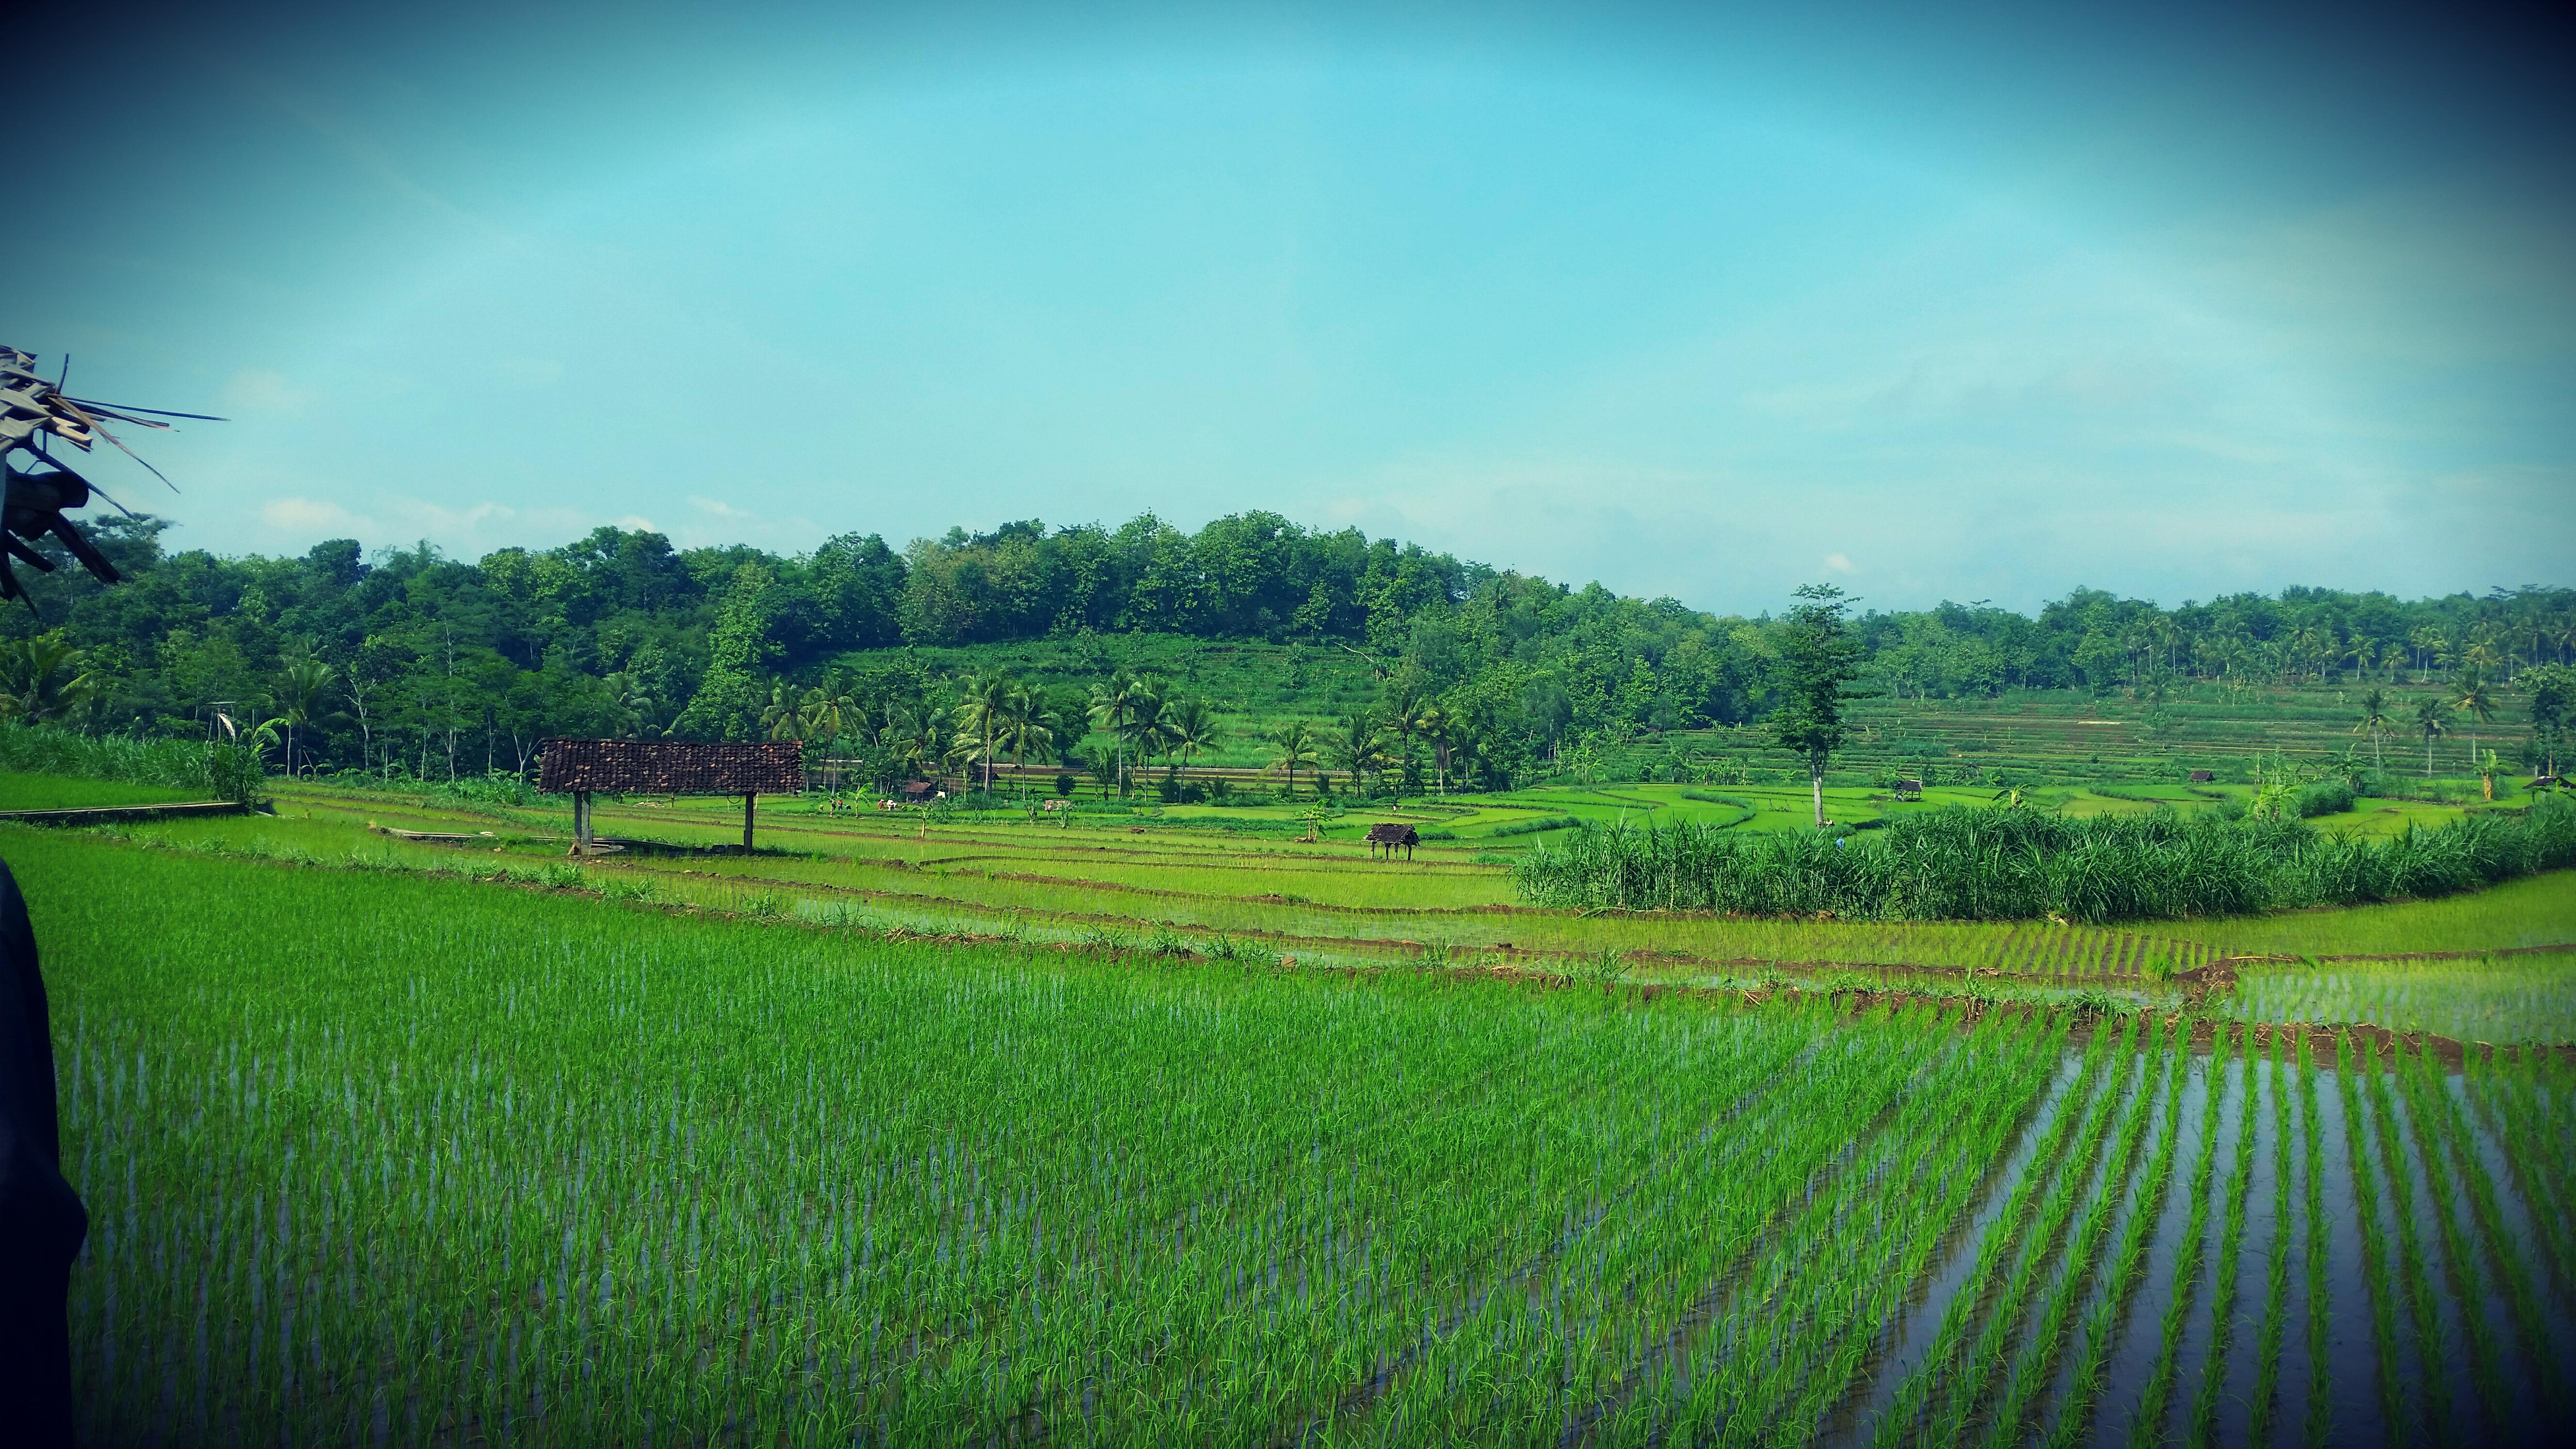 Reisverslag Indo Garden: Heerlijke dagen op Java